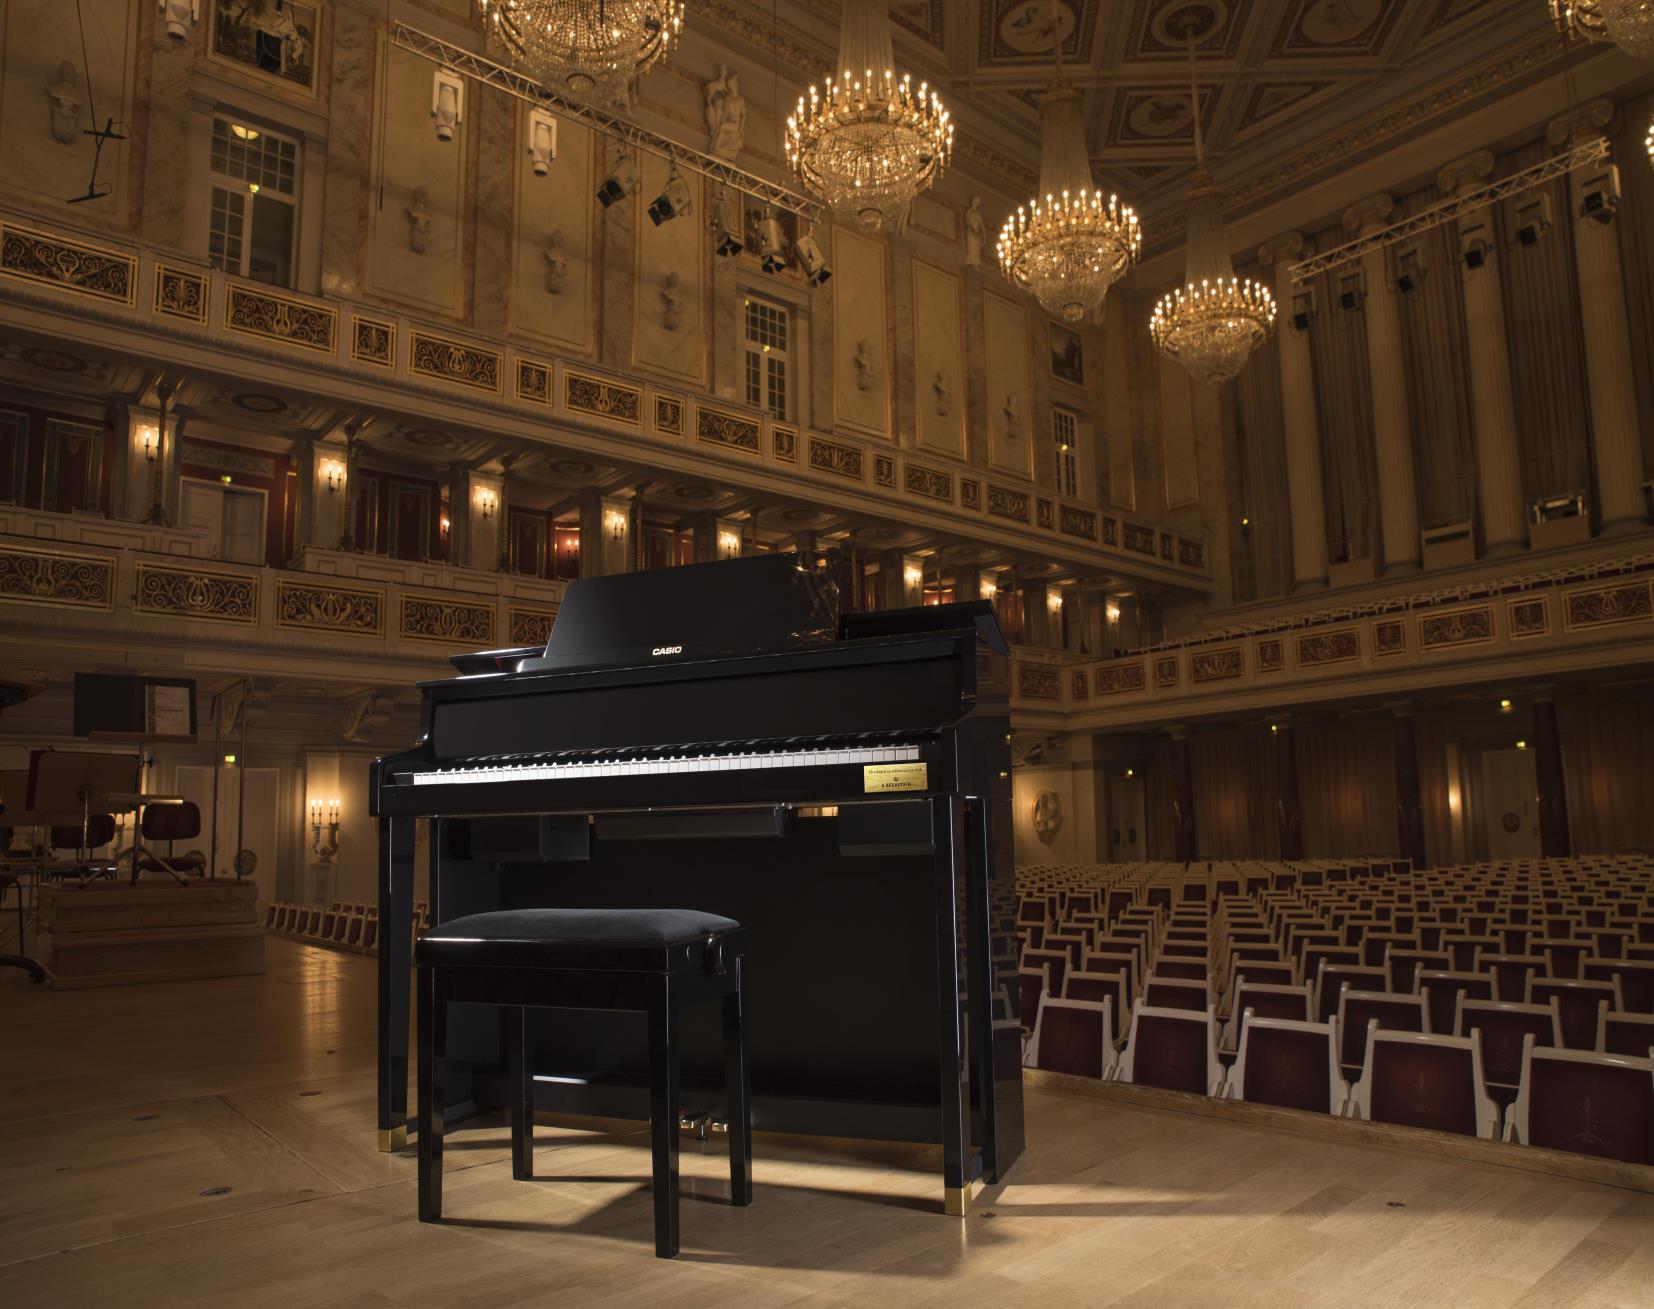 Đàn Piano Casio GP-300 BK là dòng Cleviano Grand Hybrid là sự kết hợp hoàn hảo của Piano hiện đại và truyền thống với bộ máy hoàn toàn điểu kiển bằng cơ học